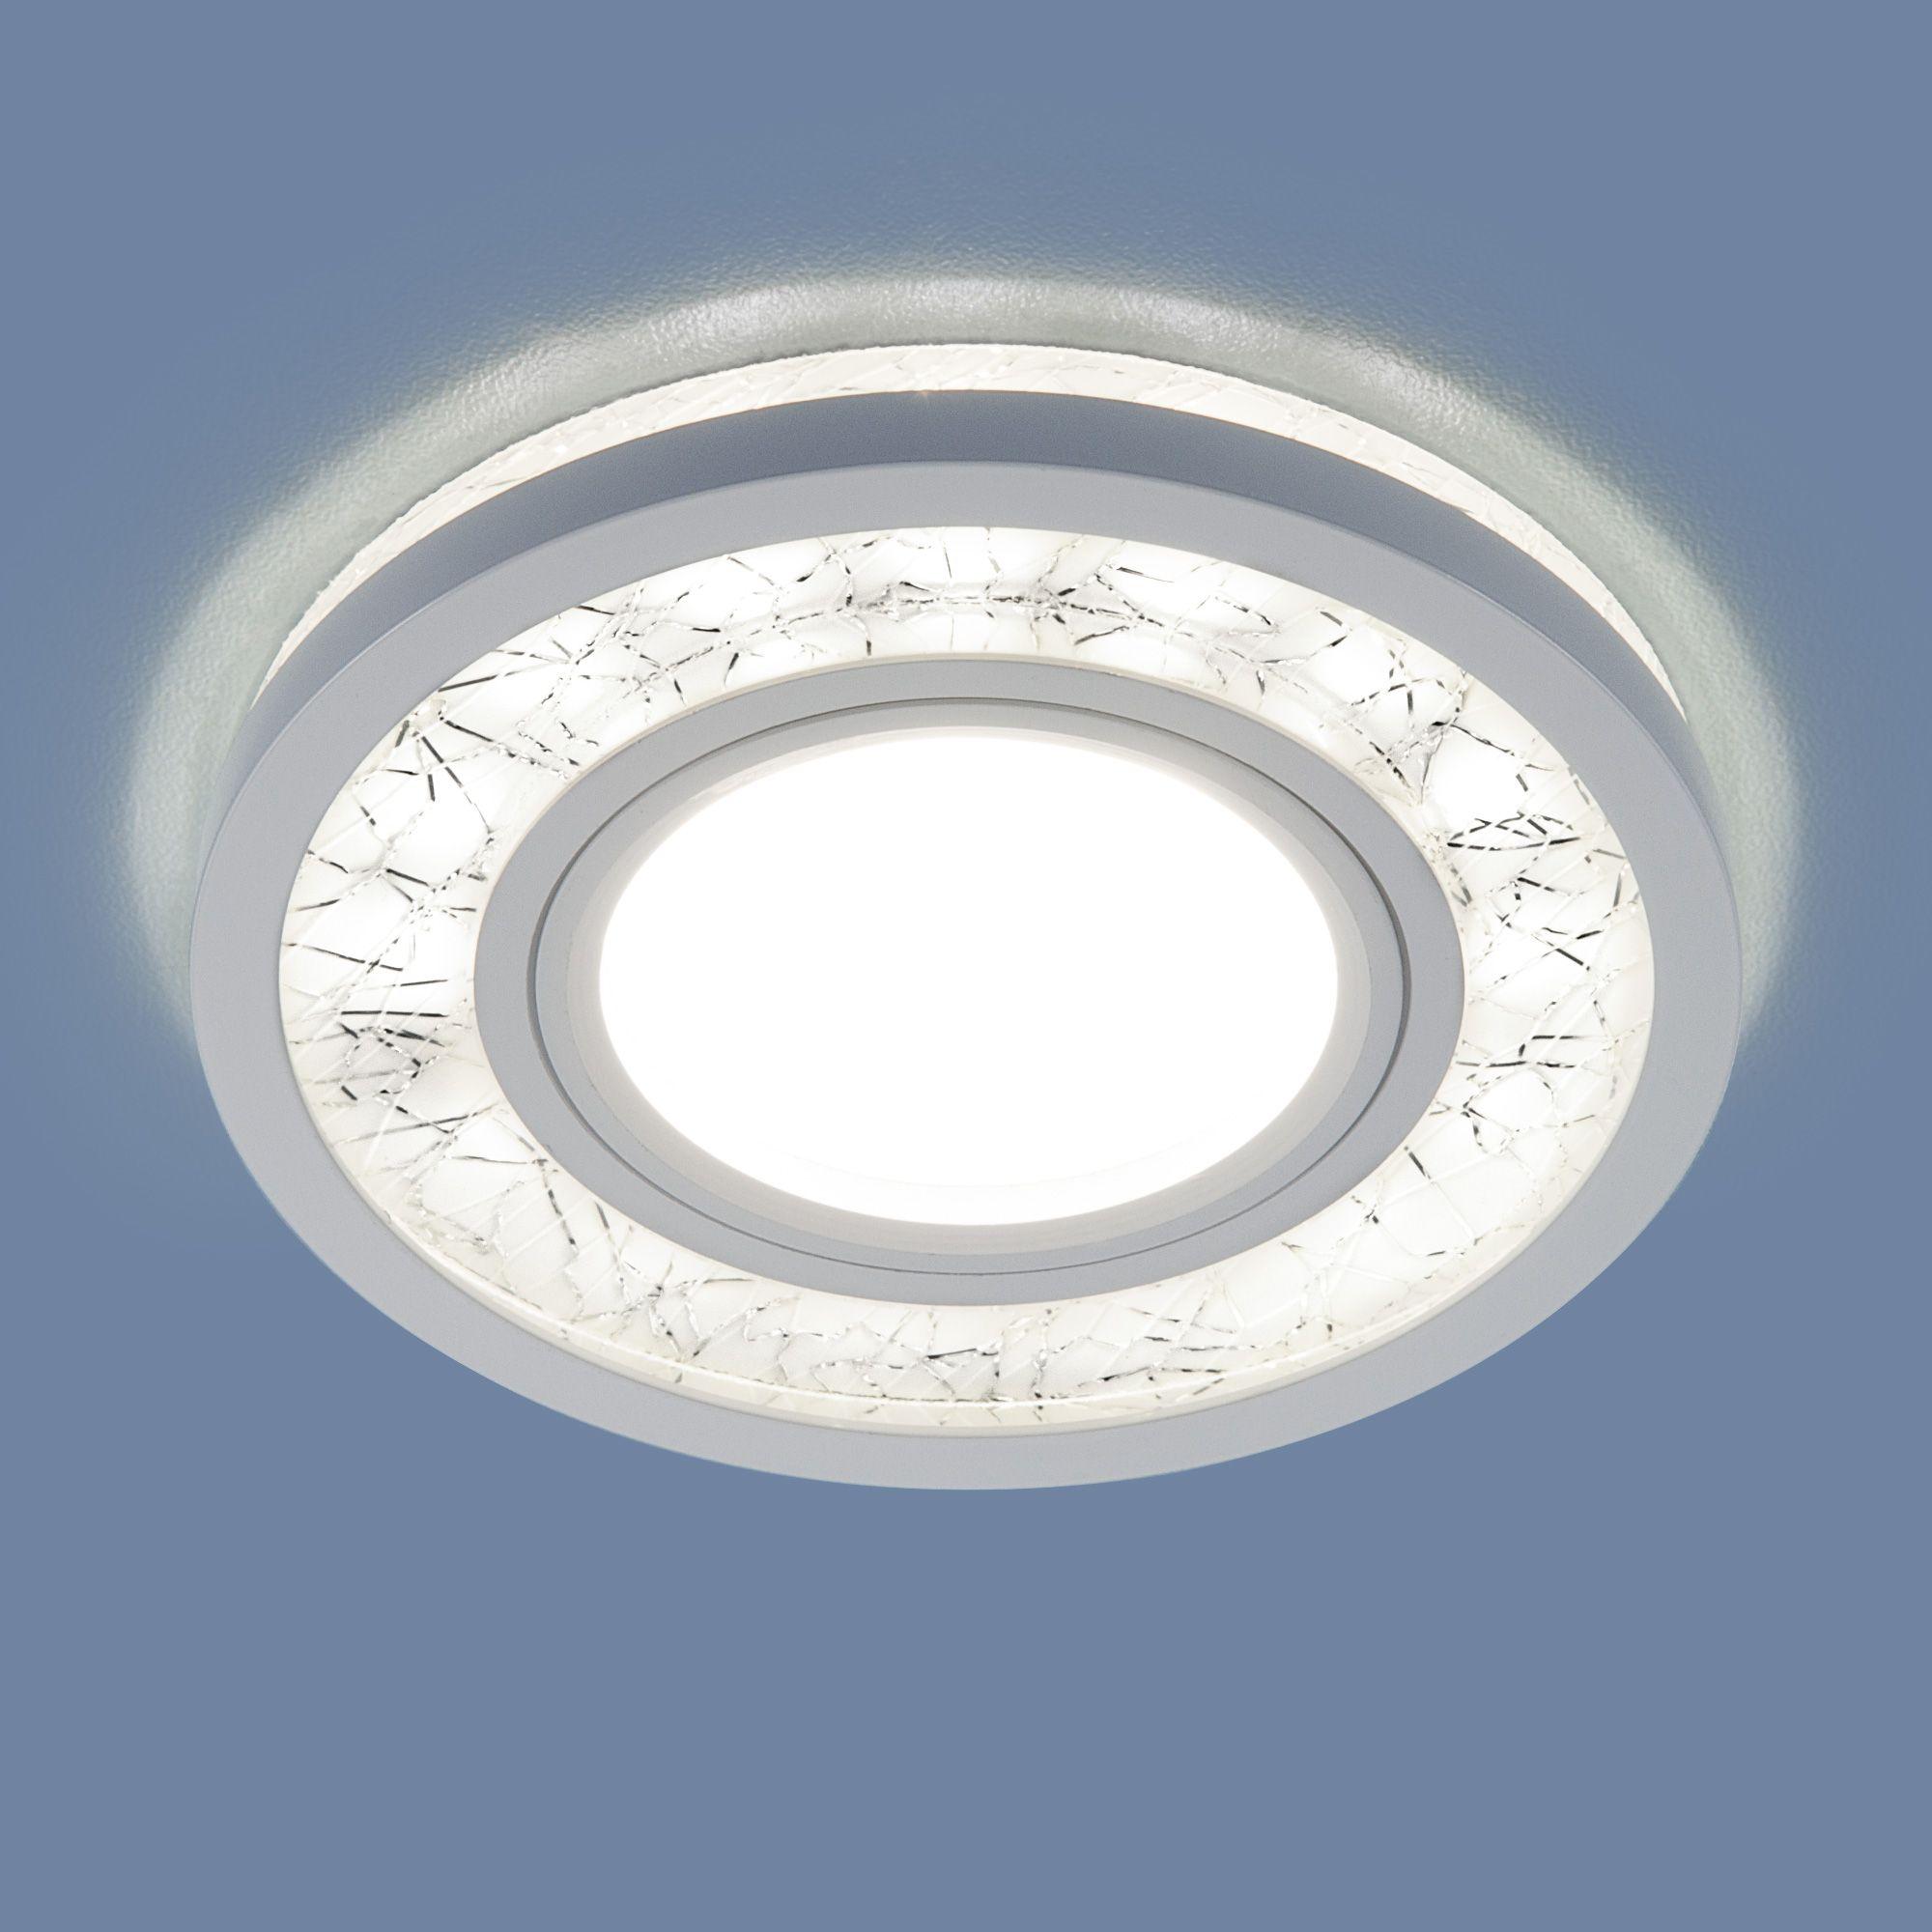 Точечный светильник с LED подсветкой 7020 MR16 WH/SL белый/серебро